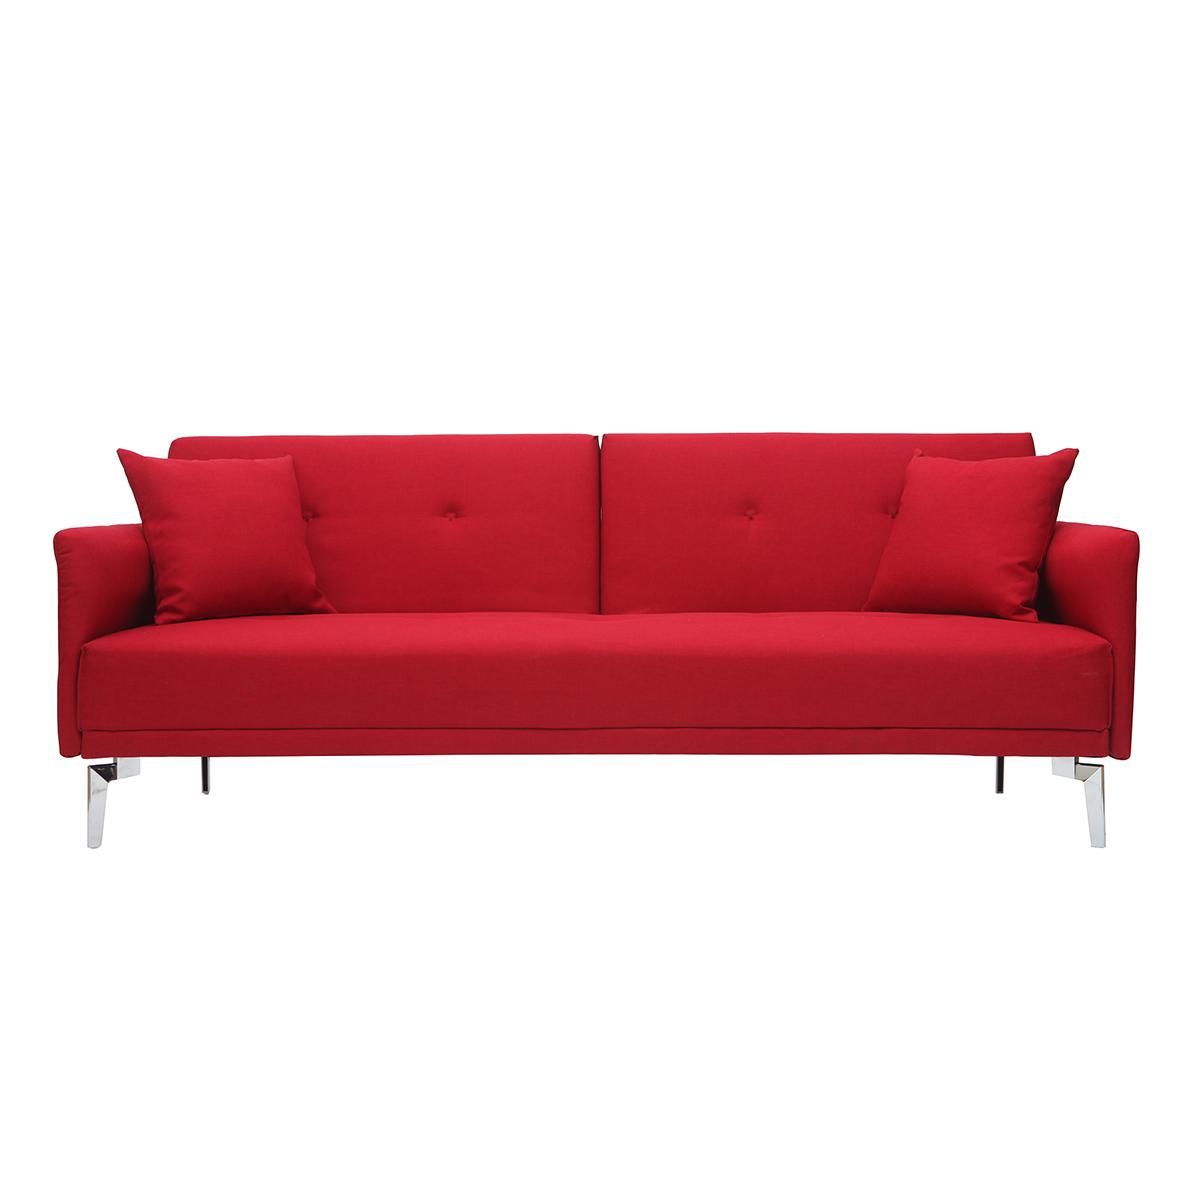 Divano convertibile design 3 posti rosso ELIN